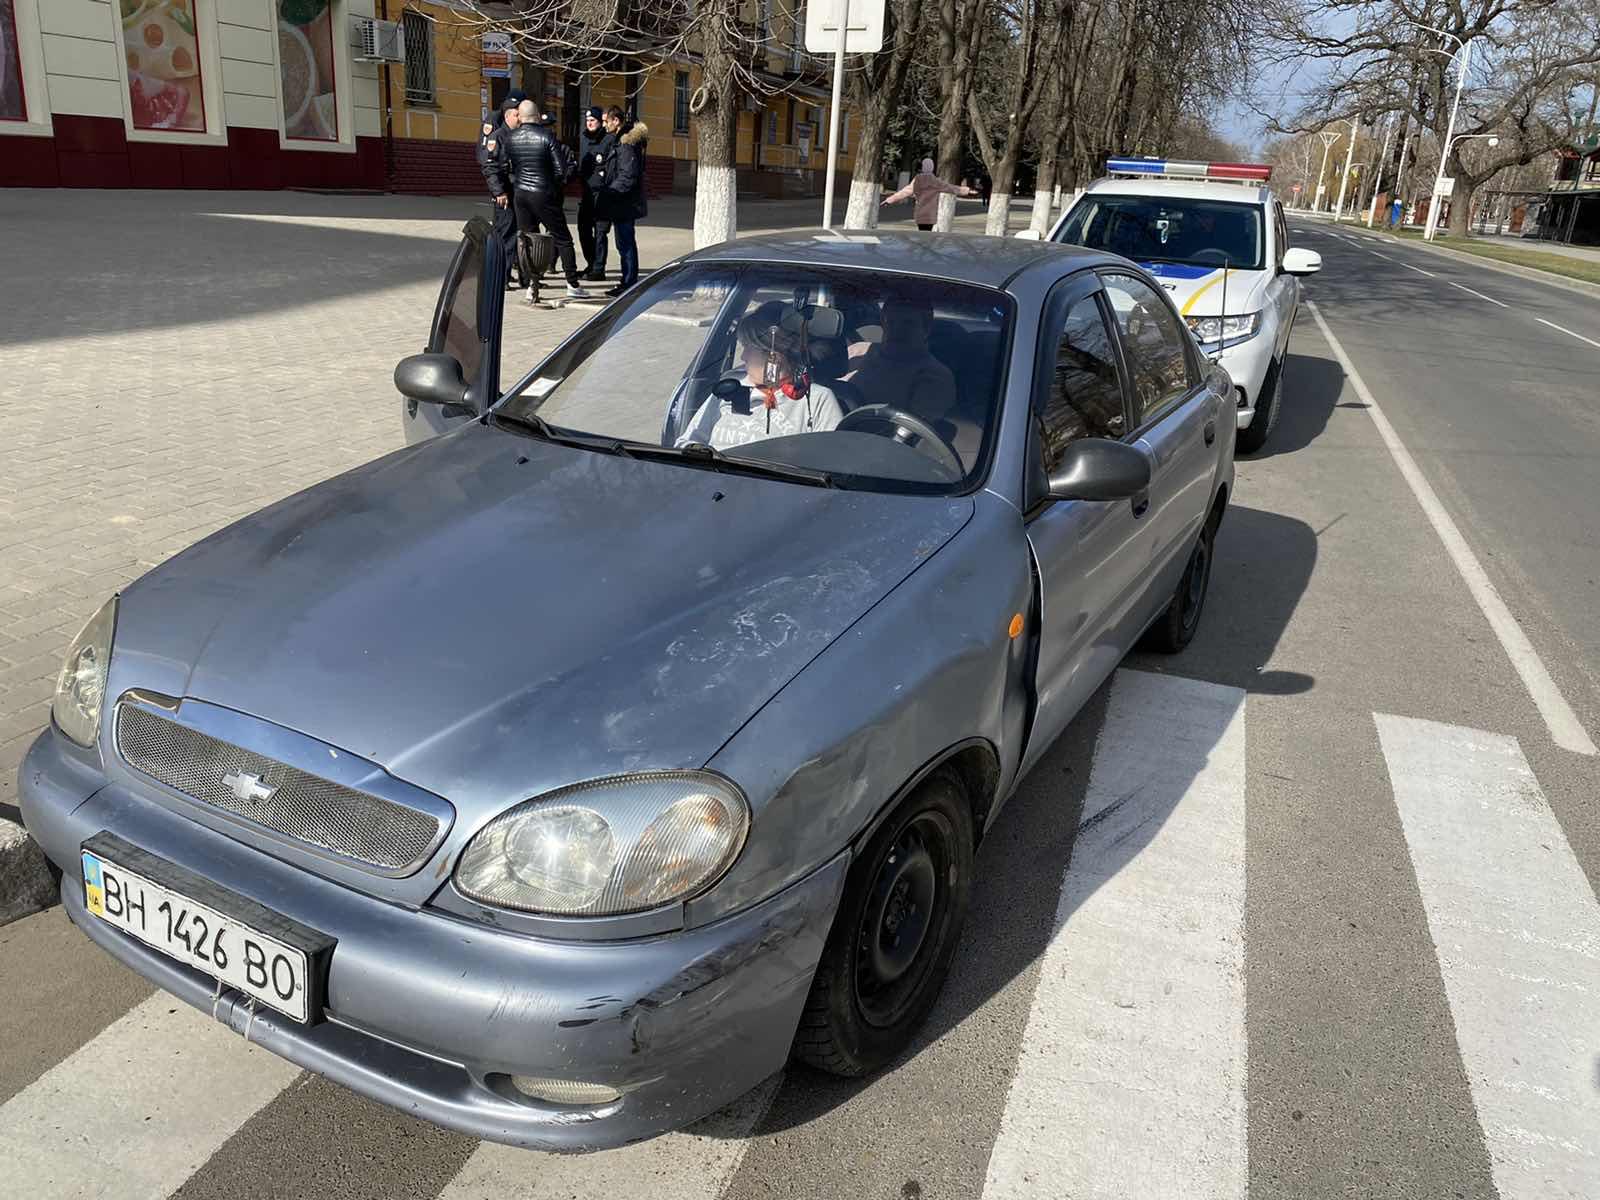 Измаил: на проспекте Суворова столкнулись Daewoo Lanos и Toyota Prado